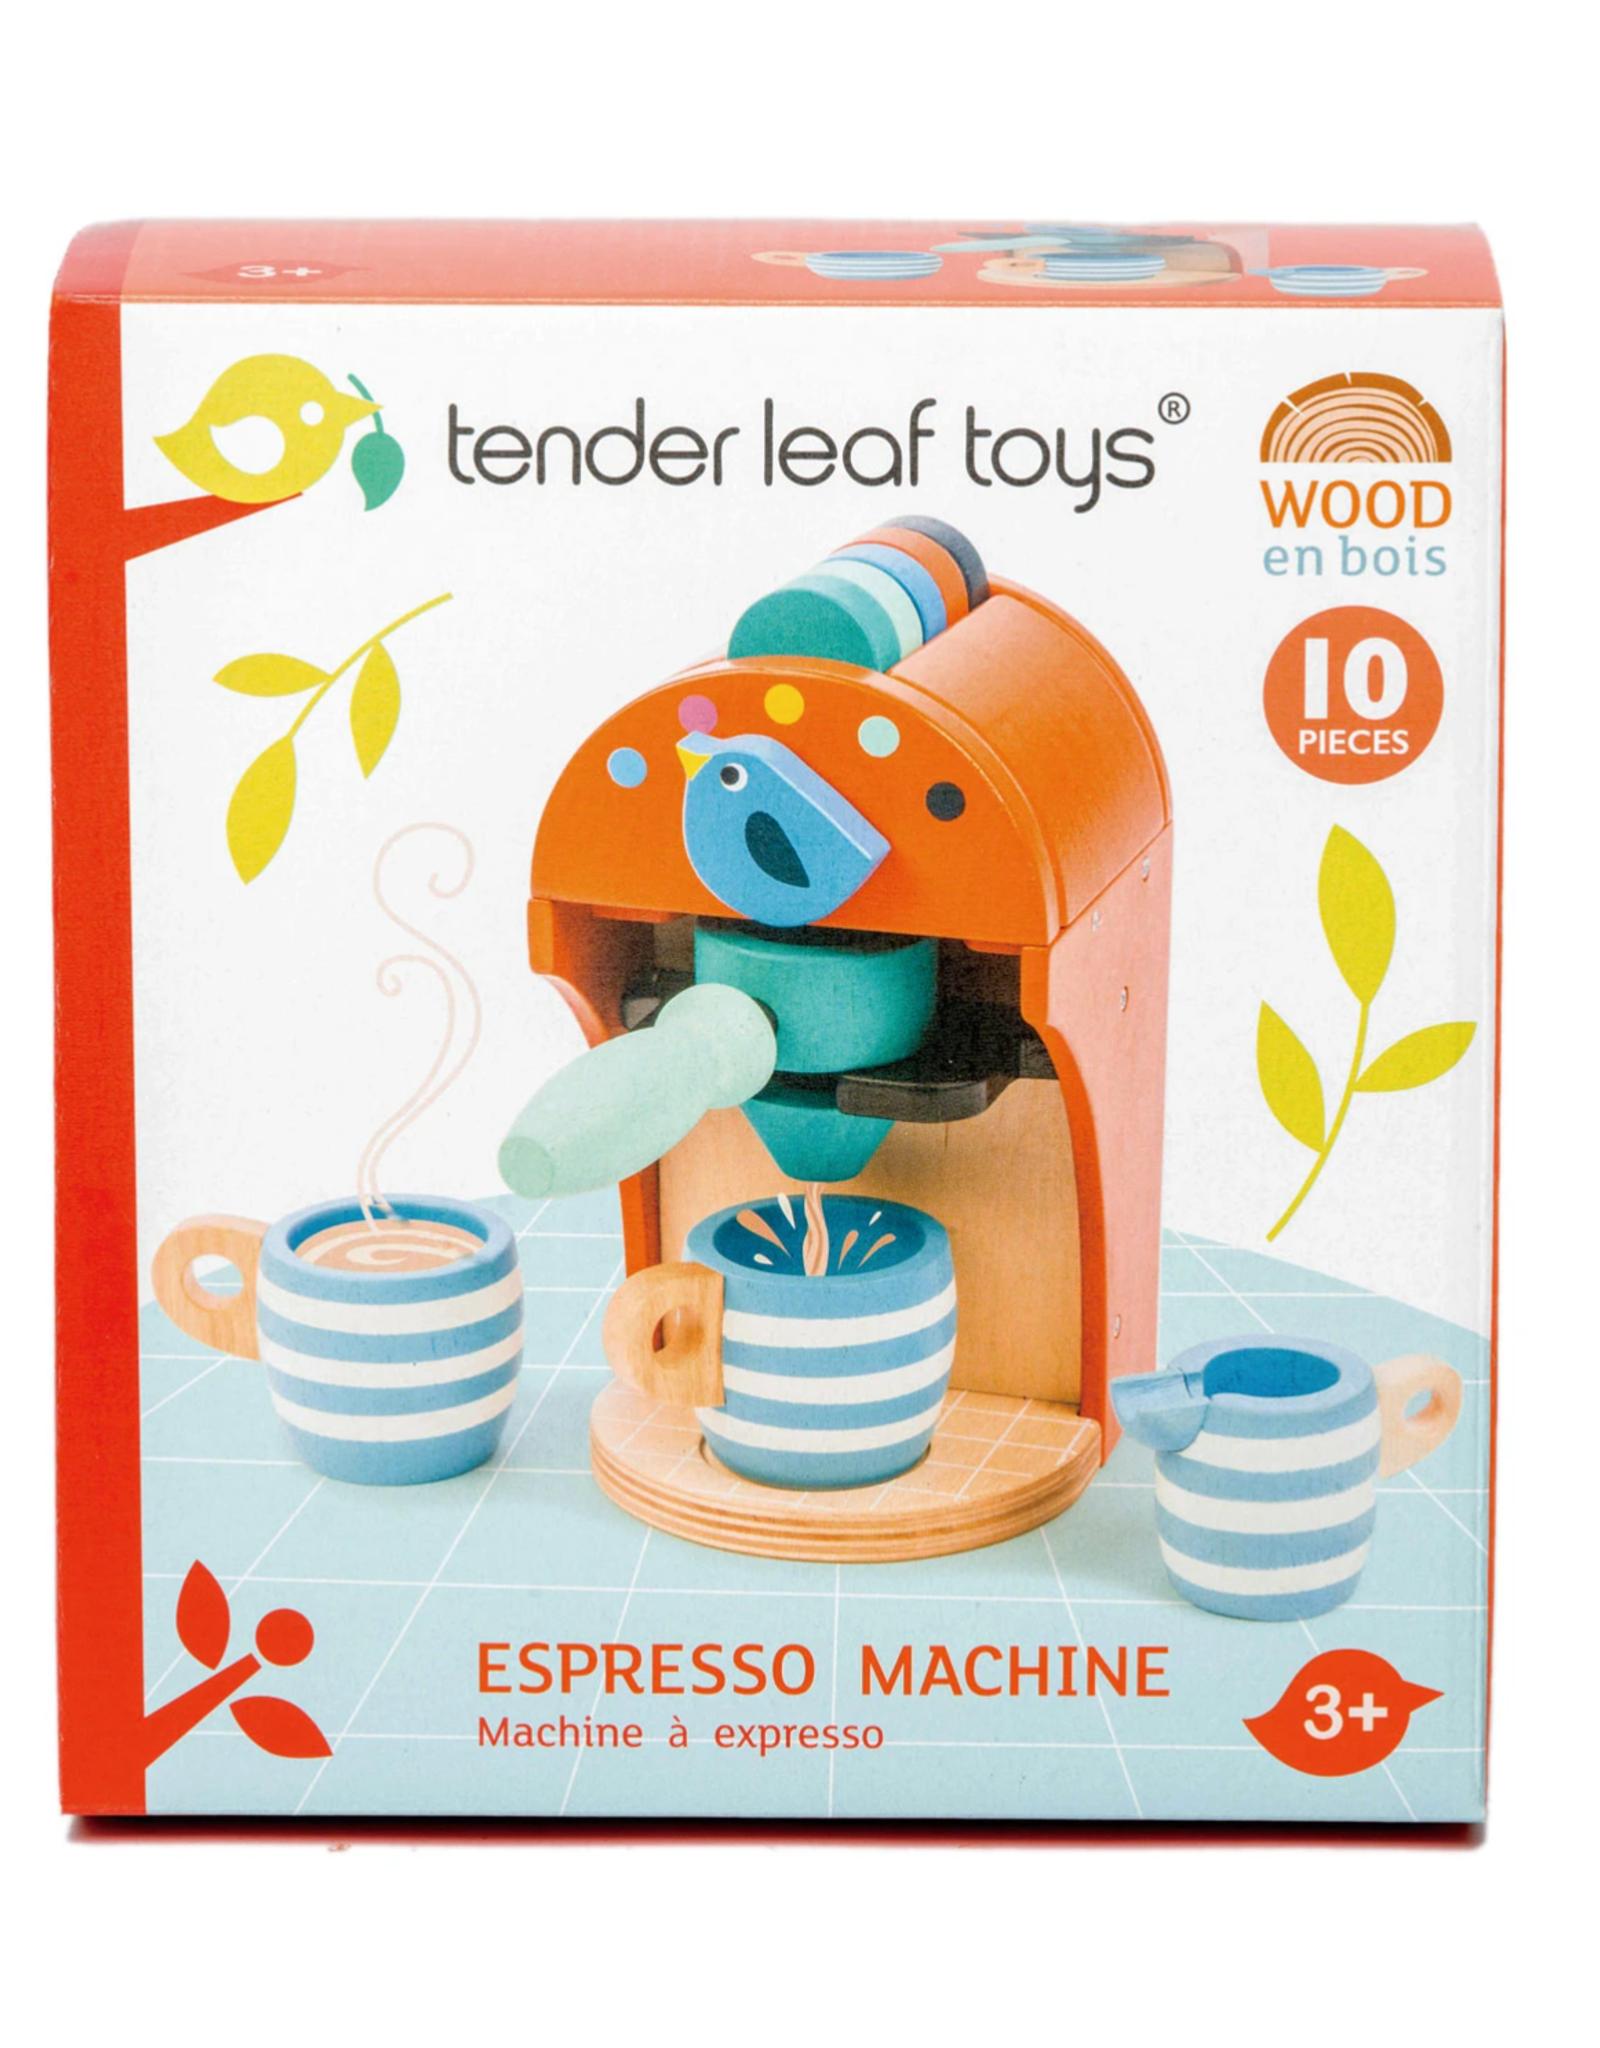 Tender leaf toys Espresso Machine